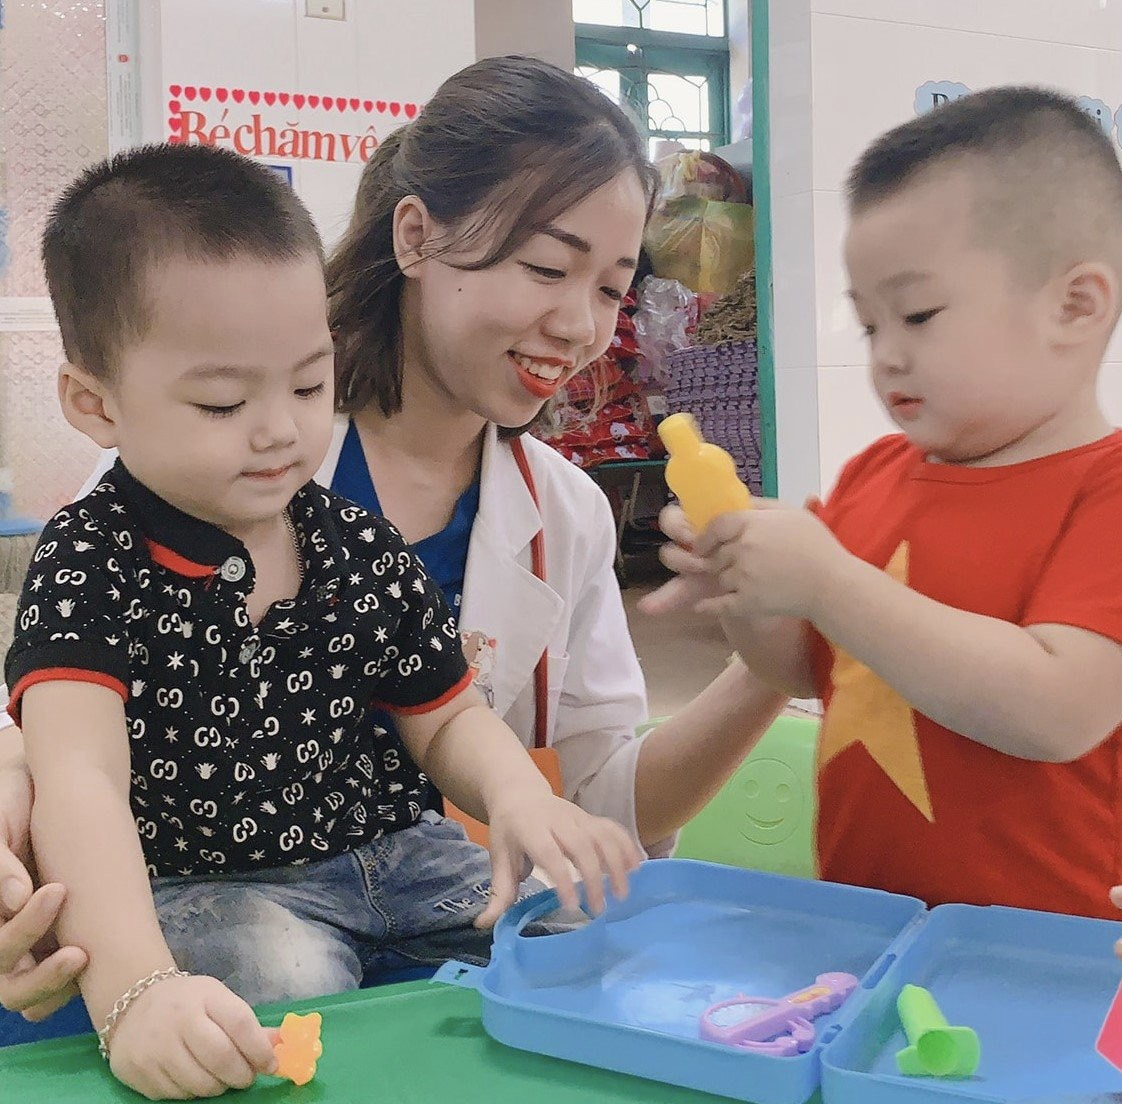 Ứng cử viên ĐBQH Trần Thị Hạnh Quyên tâm huyết với y tế cơ sở